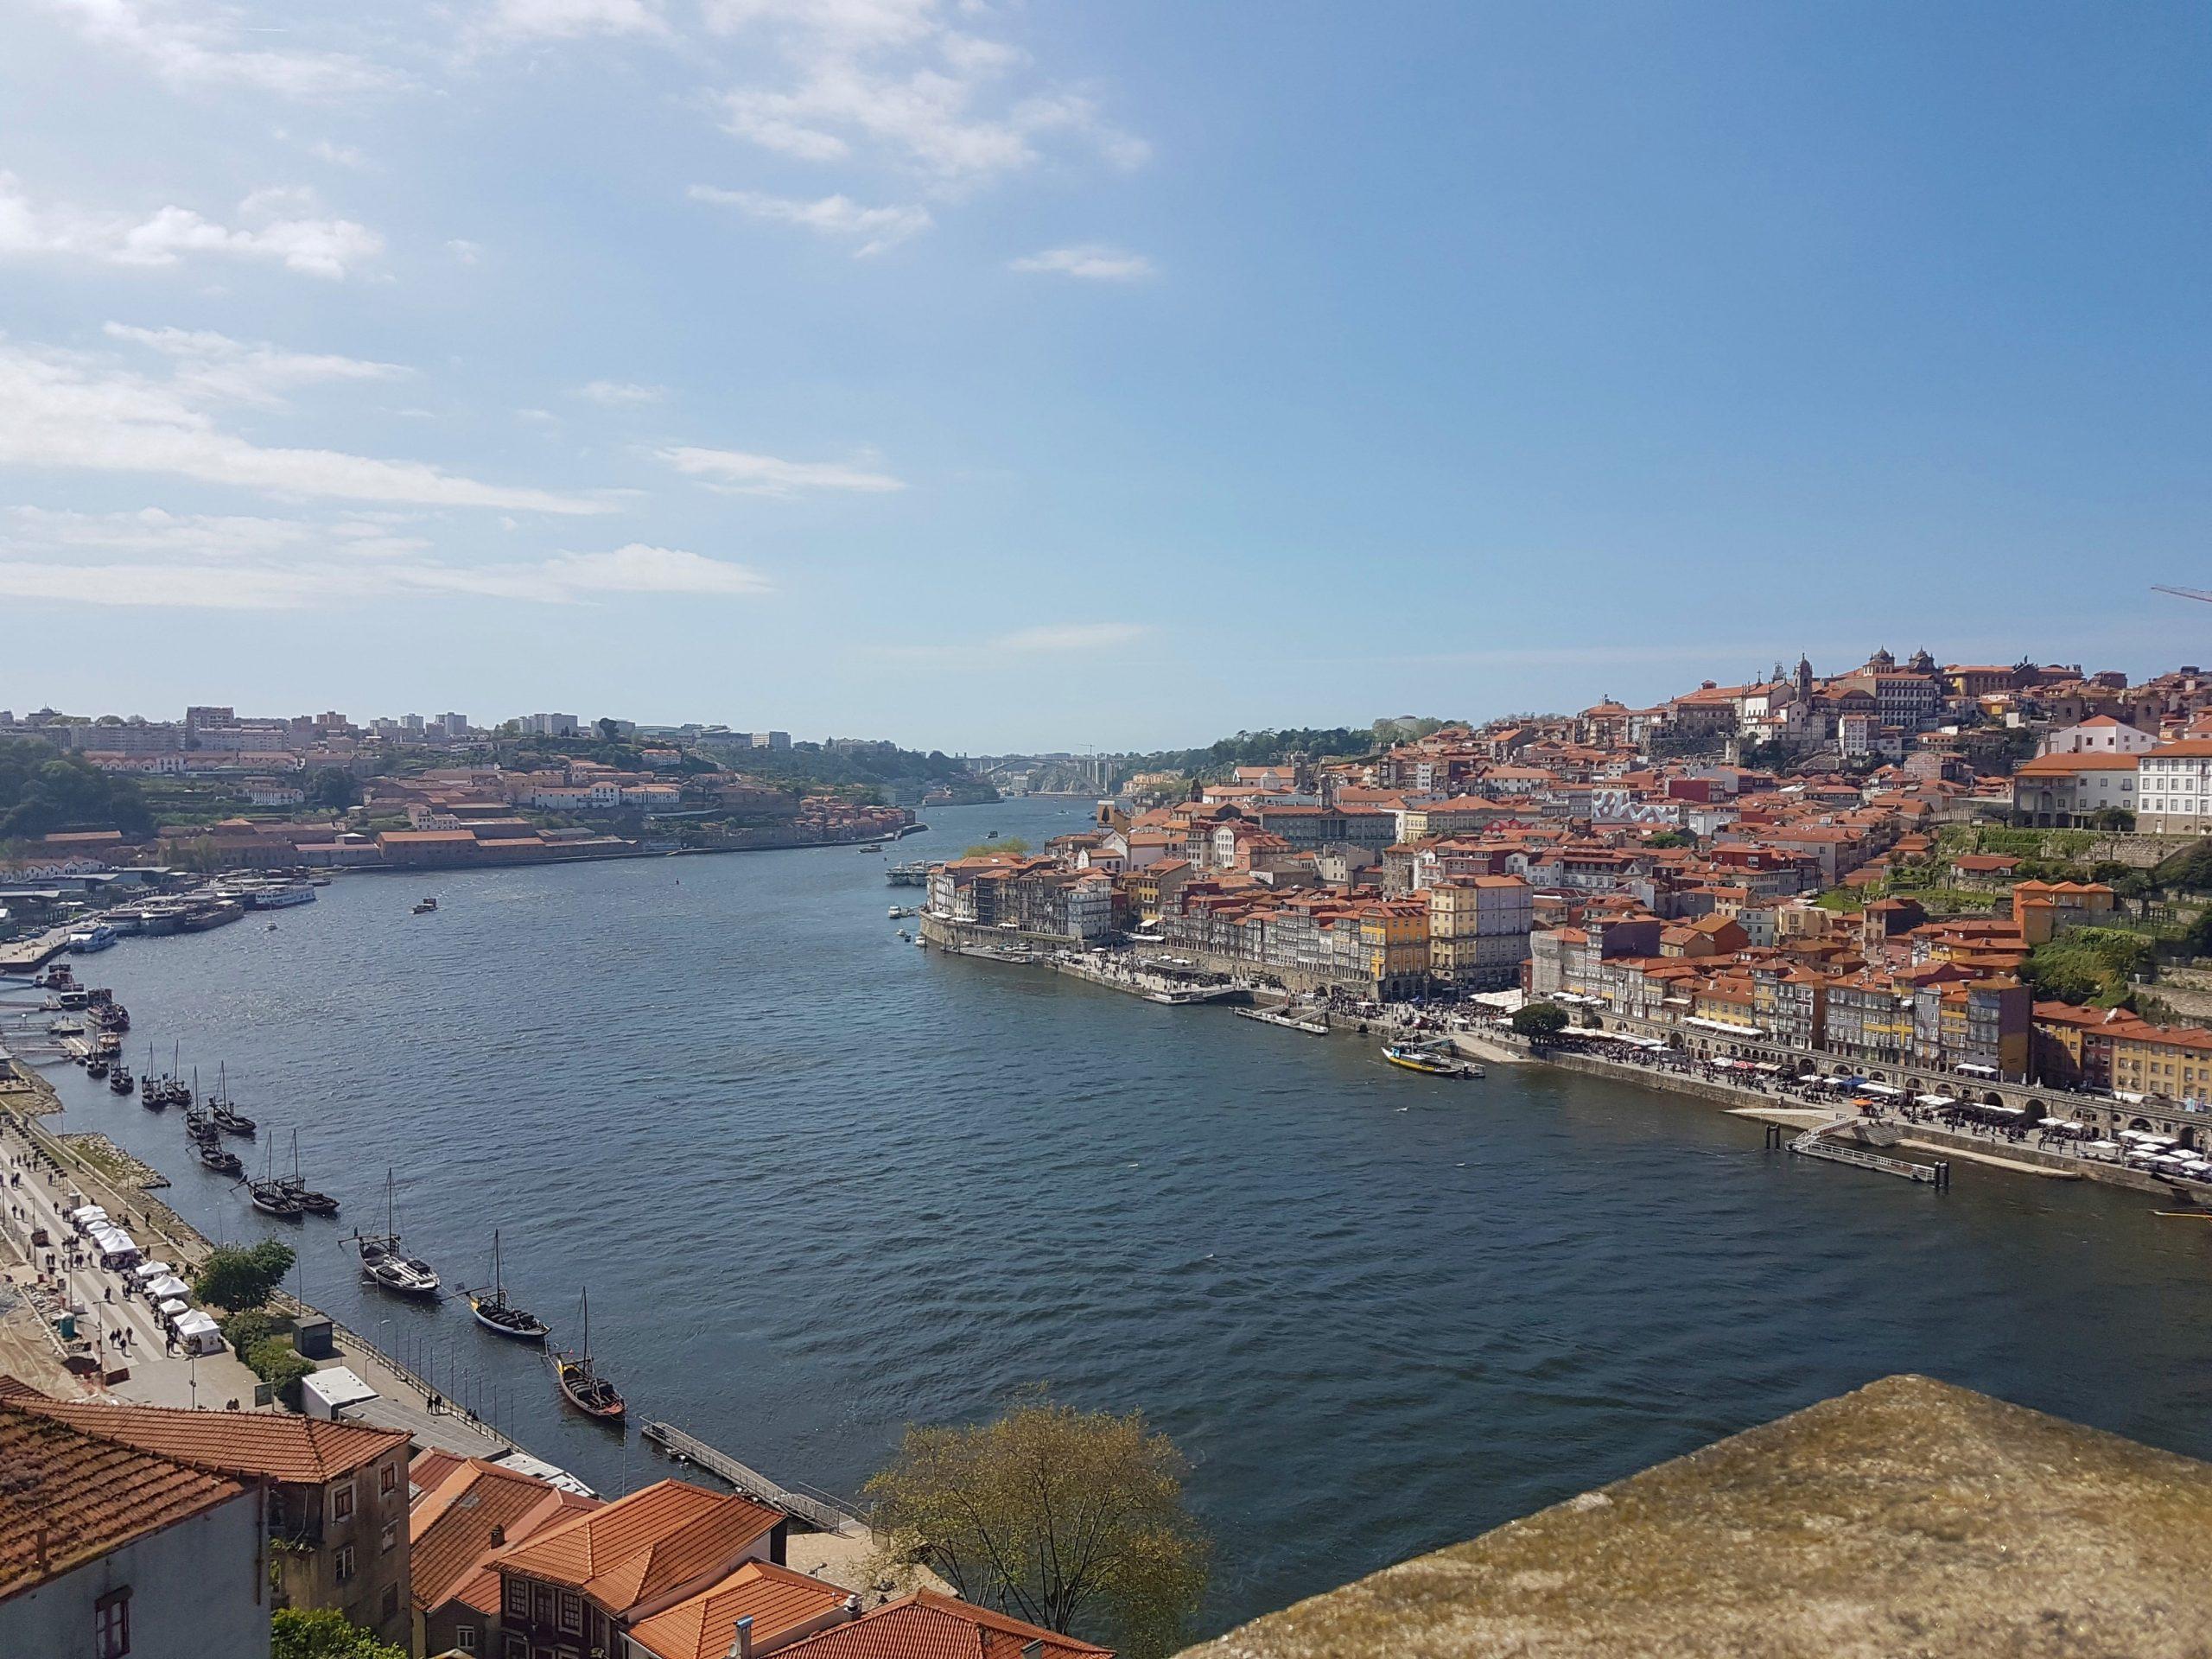 Vistas de Oporto y del rio Duero desde el puente de Don Luis I